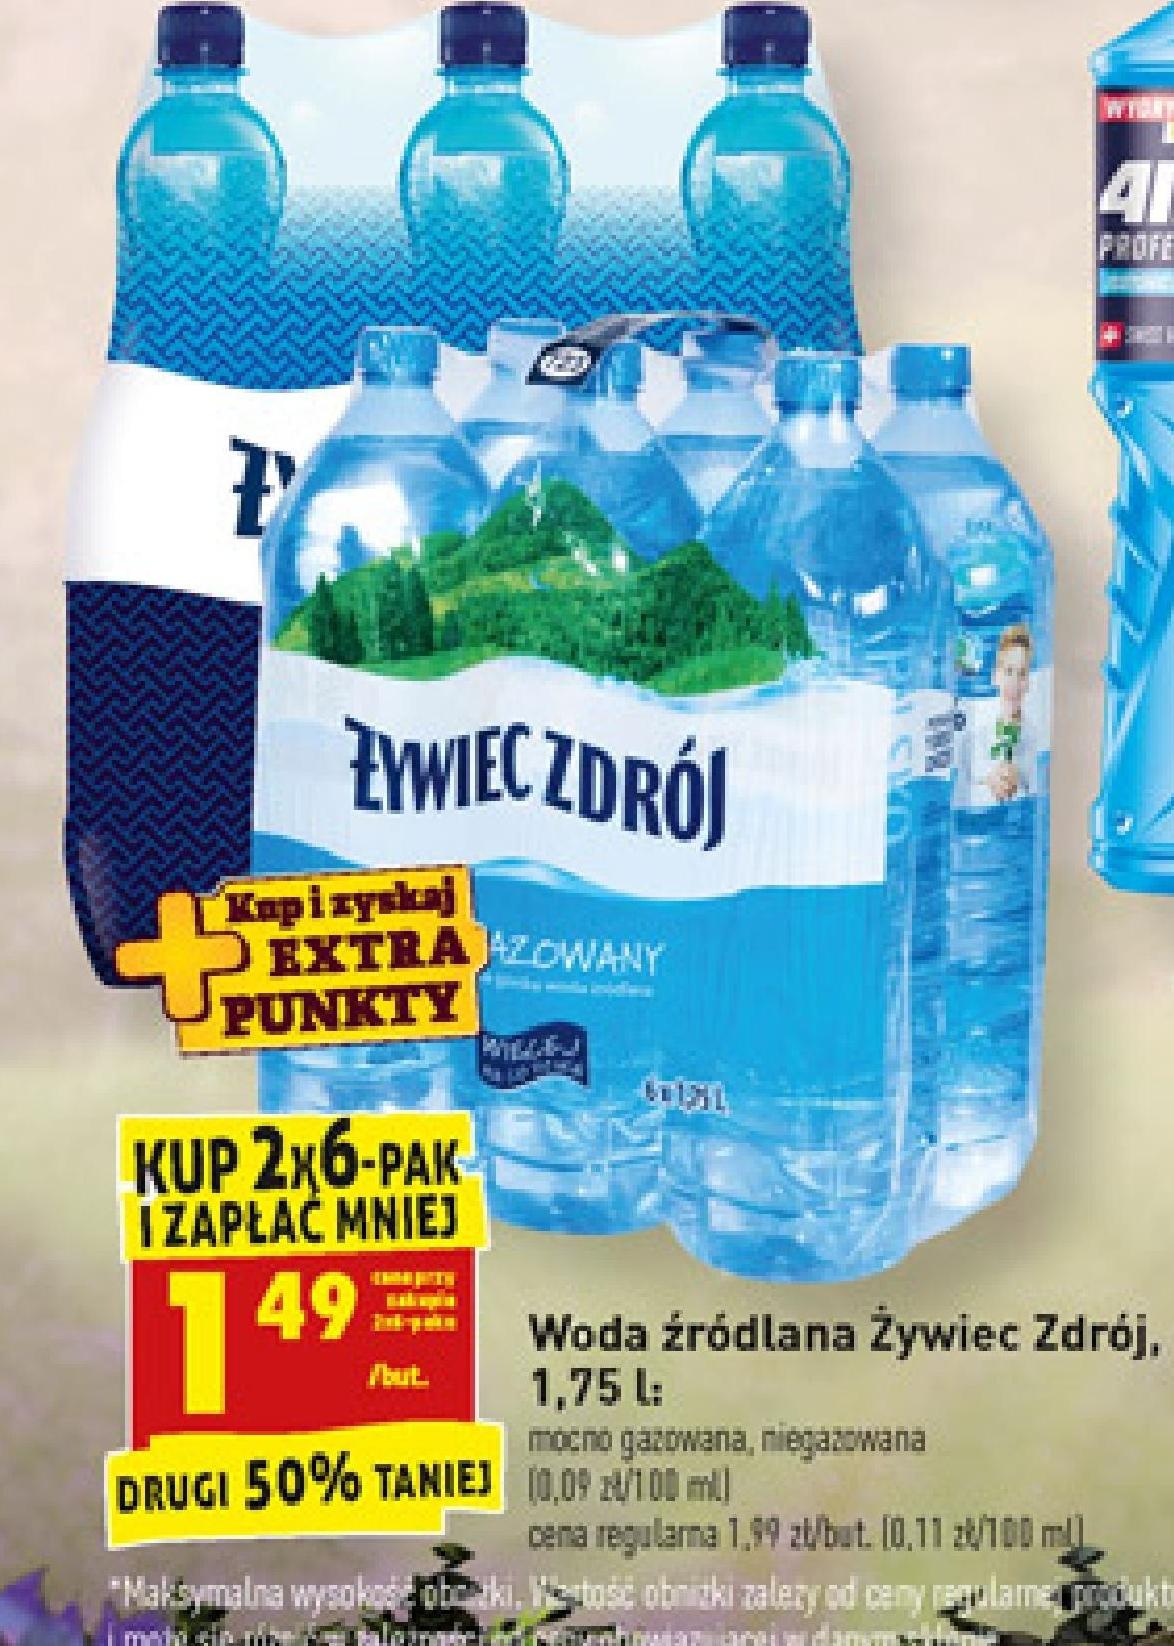 Woda Źródlana Żywiec Zdrój niska cena